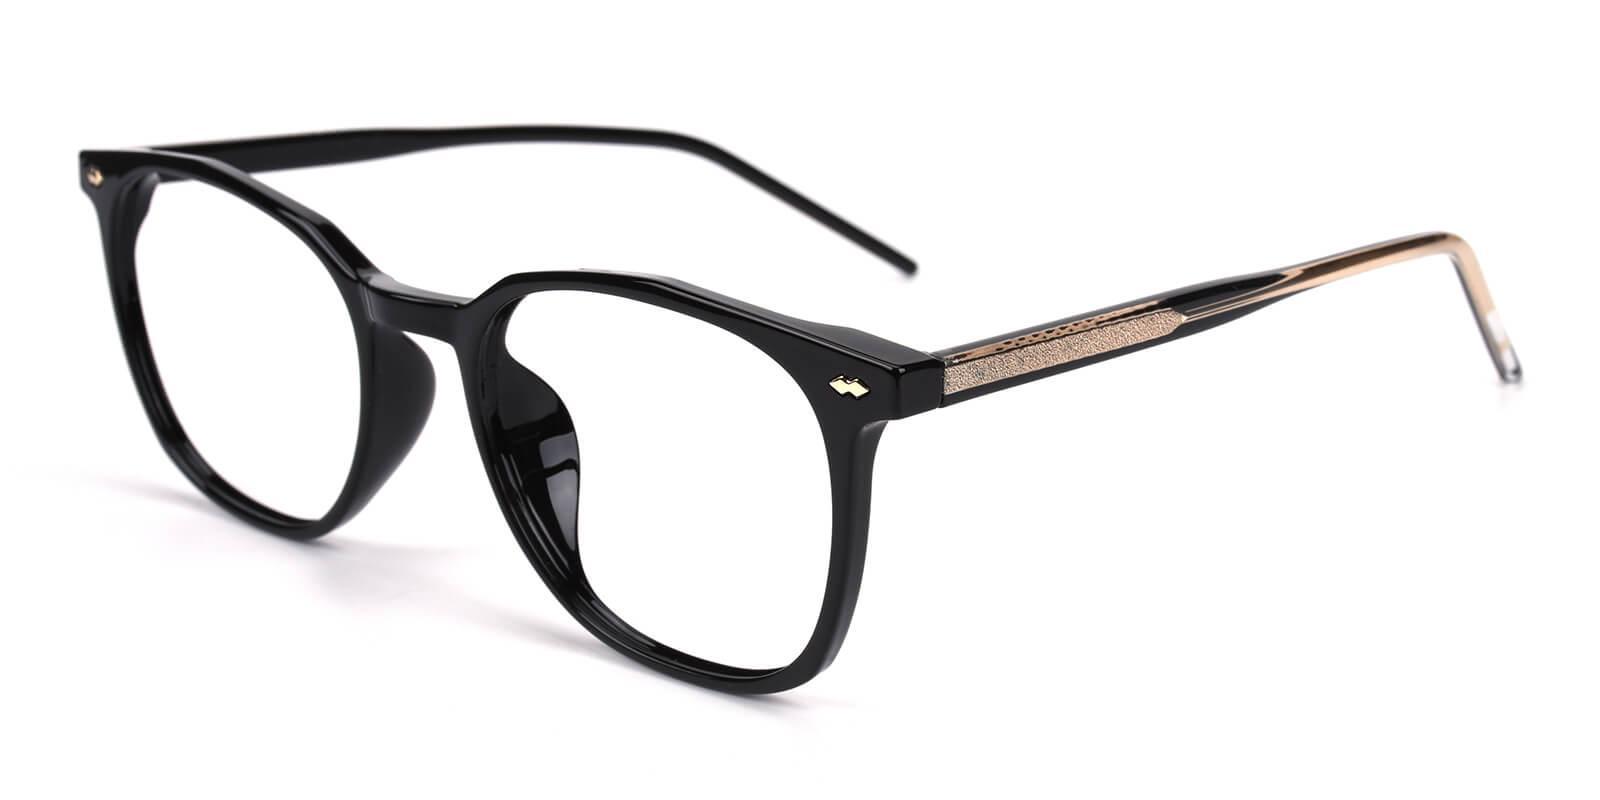 Linking-Black-Round-Acetate-Eyeglasses-additional1